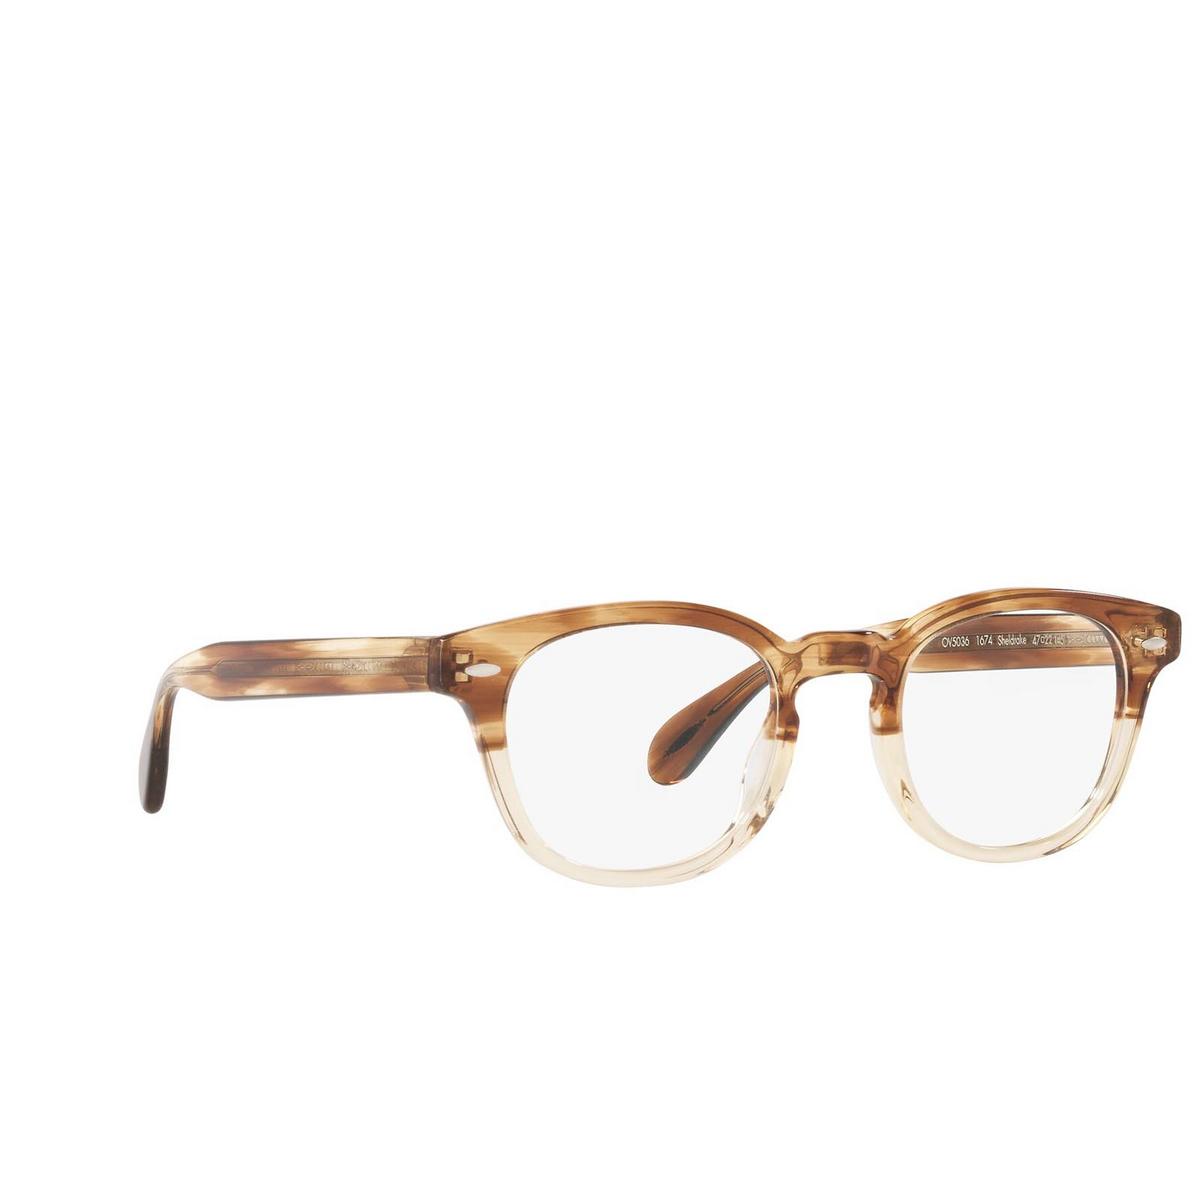 Oliver Peoples® Square Eyeglasses: Sheldrake OV5036 color Honey Vsb 1674.